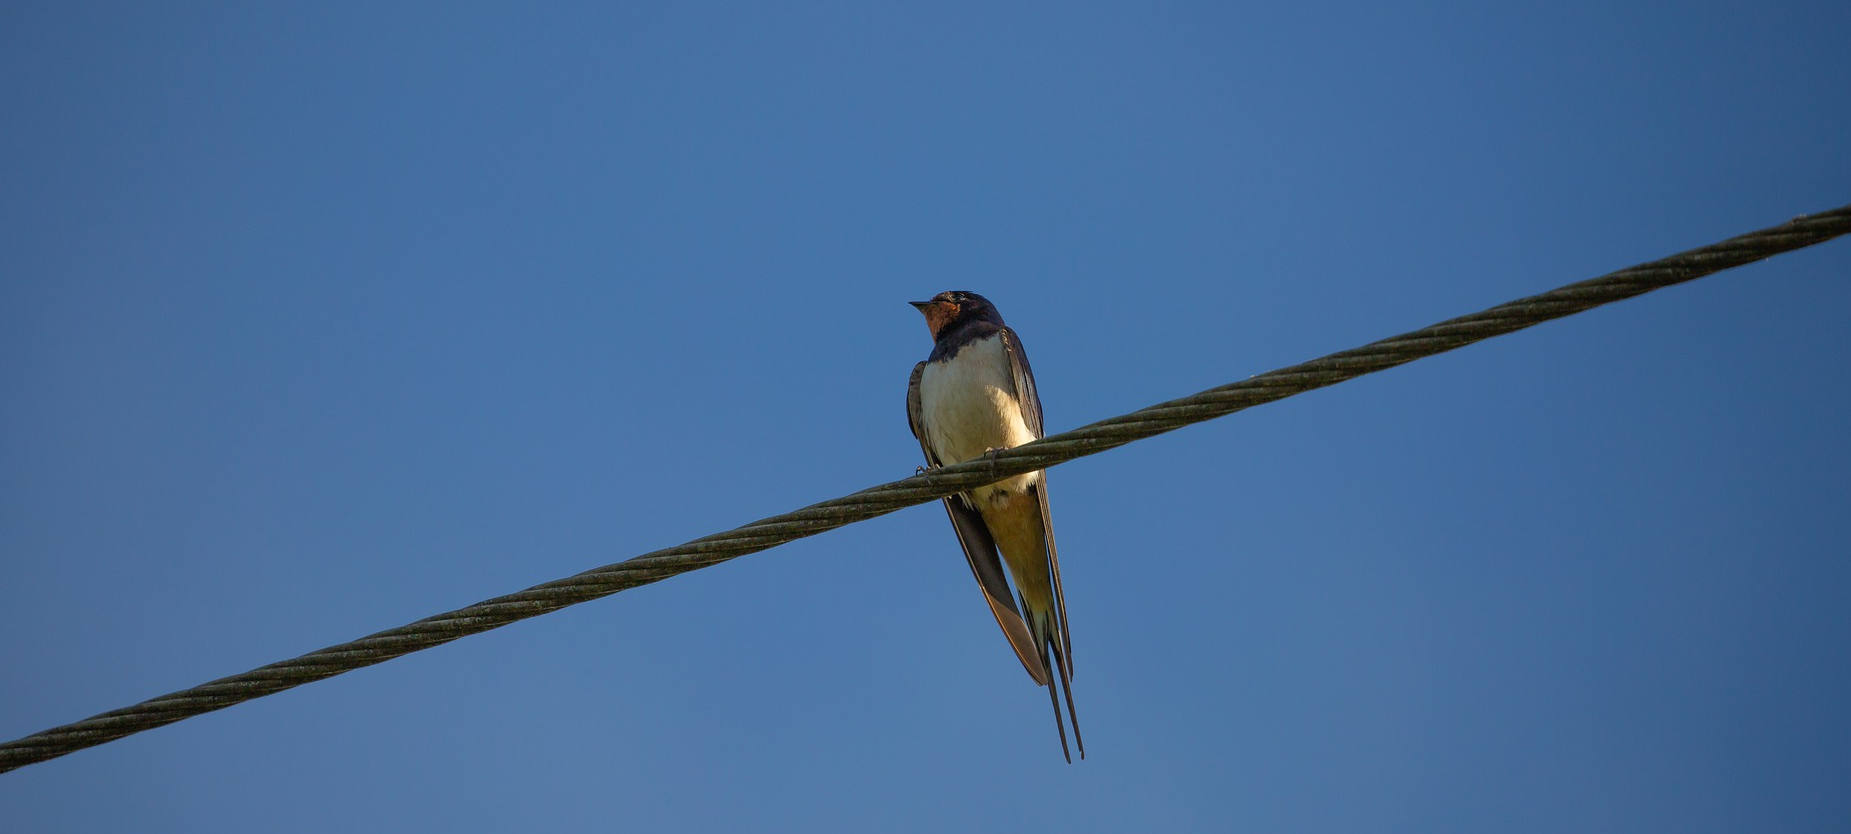 Vogel - Bird on the wire